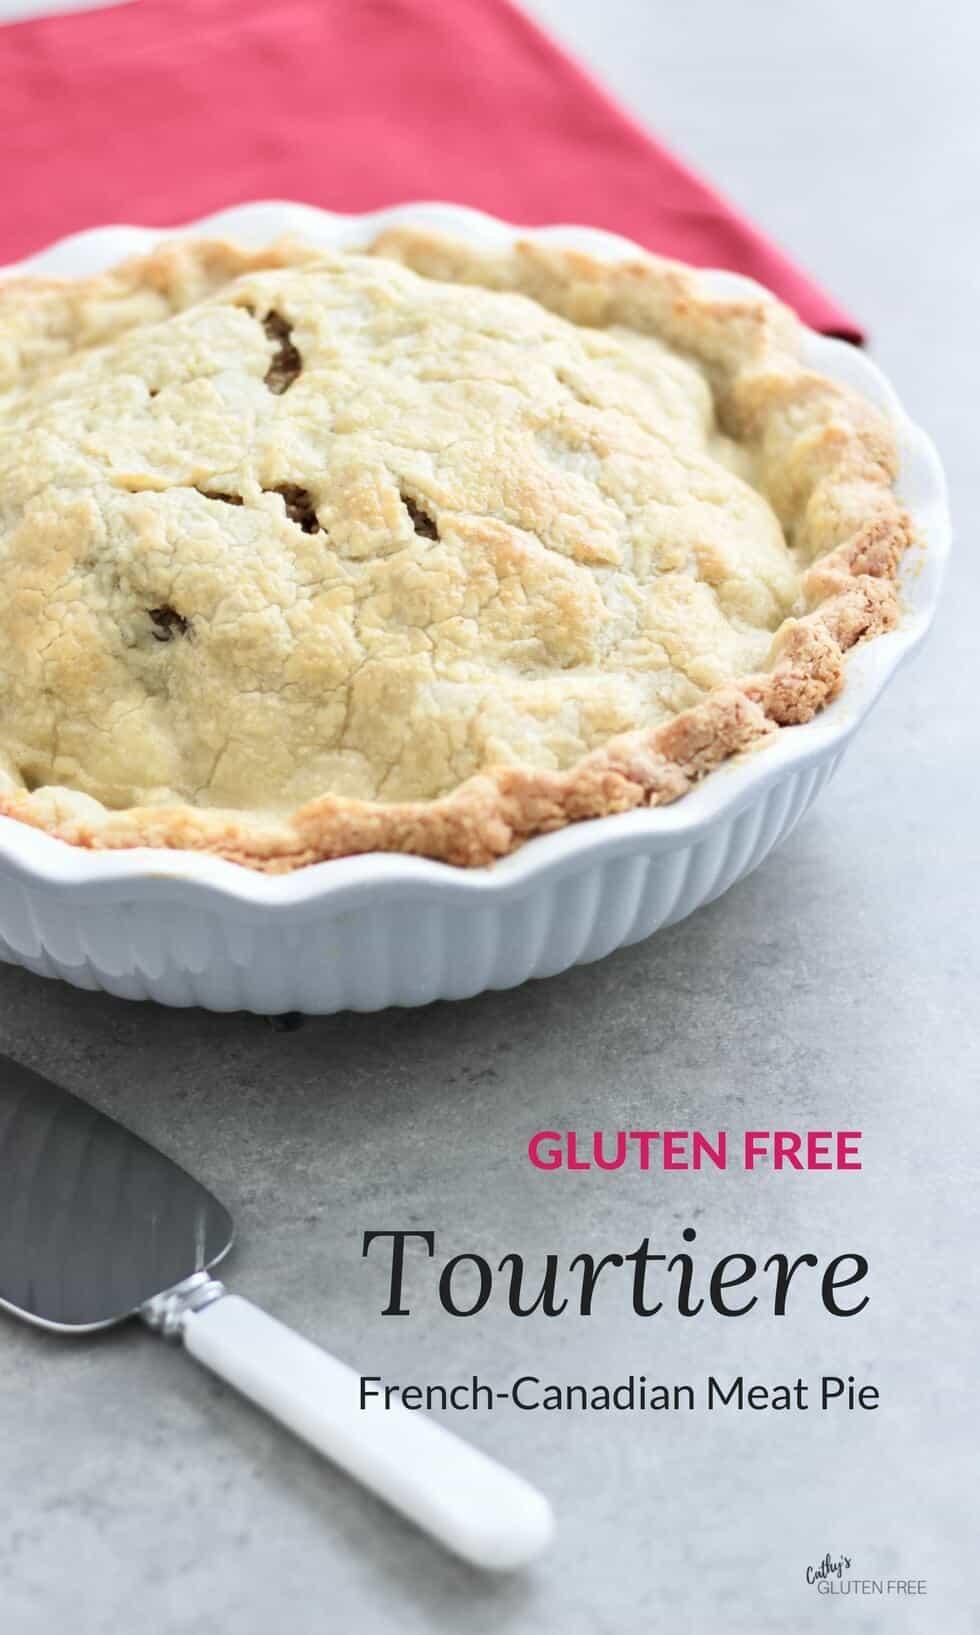 Tourtiere: Quebec Pork Pie | gluten free, nightshade free, dairy free